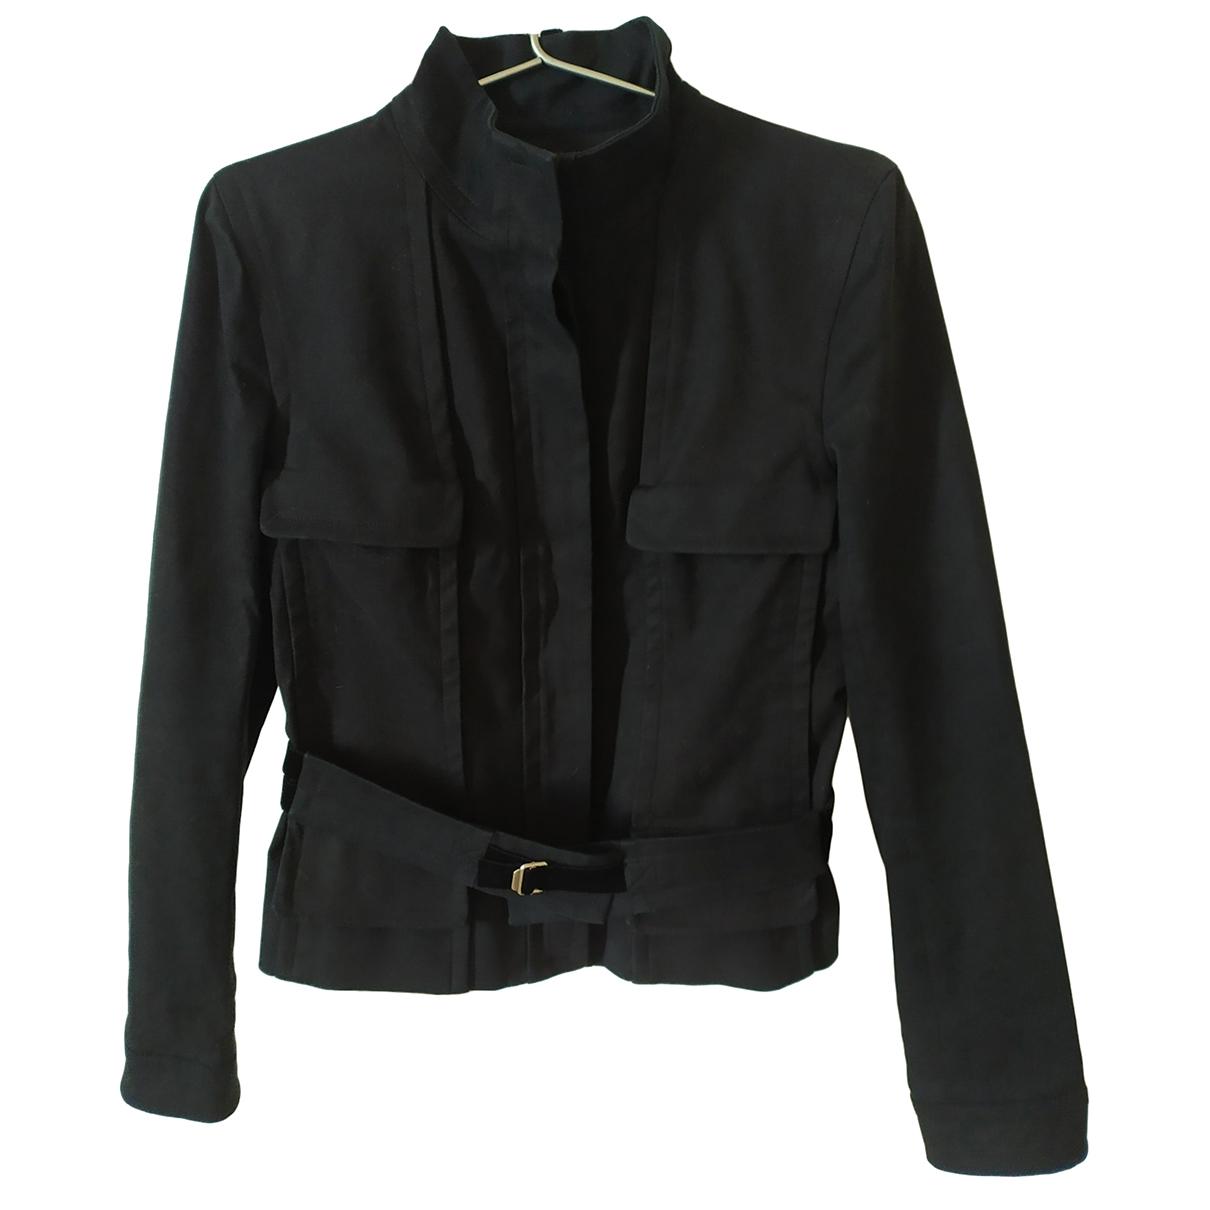 Yves Saint Laurent \N Jacke in  Schwarz Baumwolle